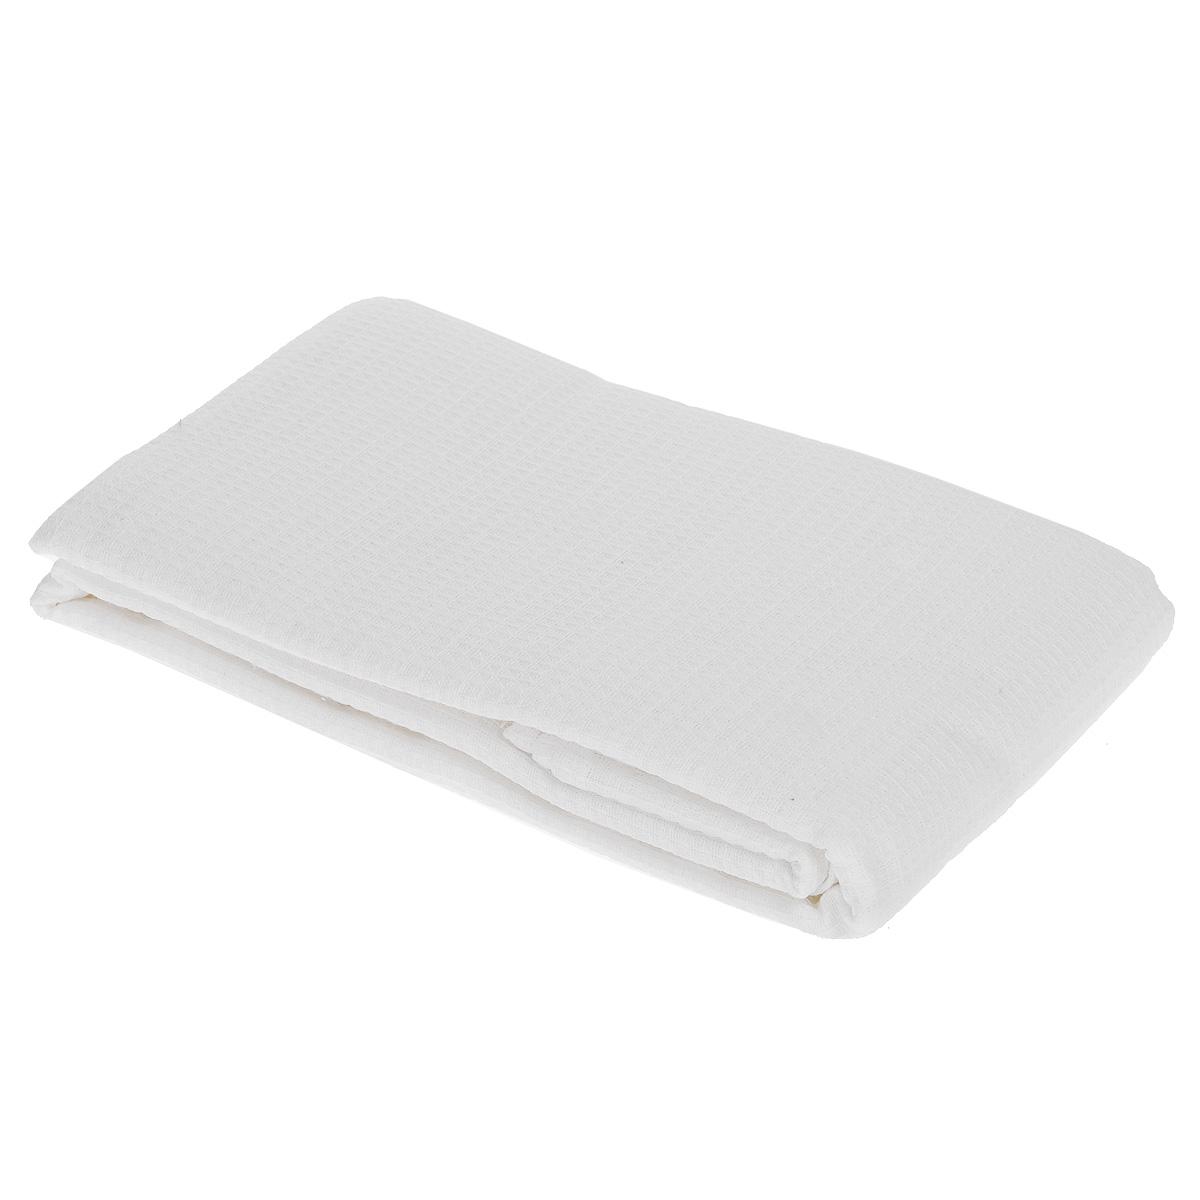 Полотенце-простыня для бани и сауны Банные штучки, цвет: белый, 80 см х 150 см62419Вафельное полотенце-простыня для бани и сауны Банные штучки изготовлено из натурального хлопка. В парилке можно лежать на нем, после душа вытираться, а во время отдыха использовать как удобную накидку. Такое полотенце-простыня идеально подойдет каждому любителю бани и сауны.Размер полотенца-простыни: 80 см х 150 см.